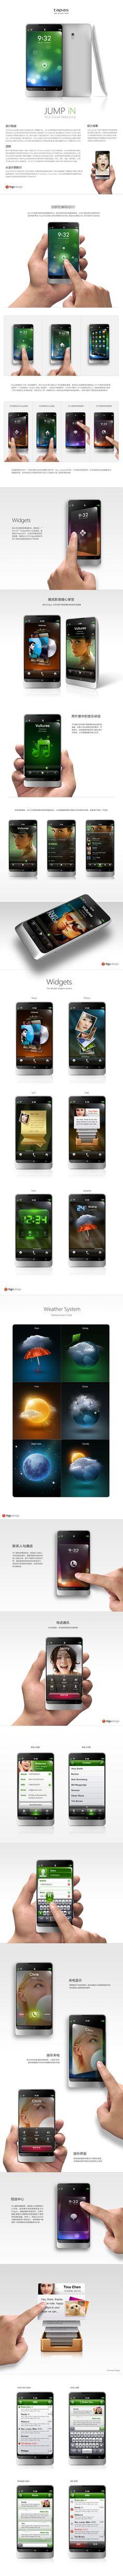 """""""TAPAS Phone OS design"""" by RIGO design"""